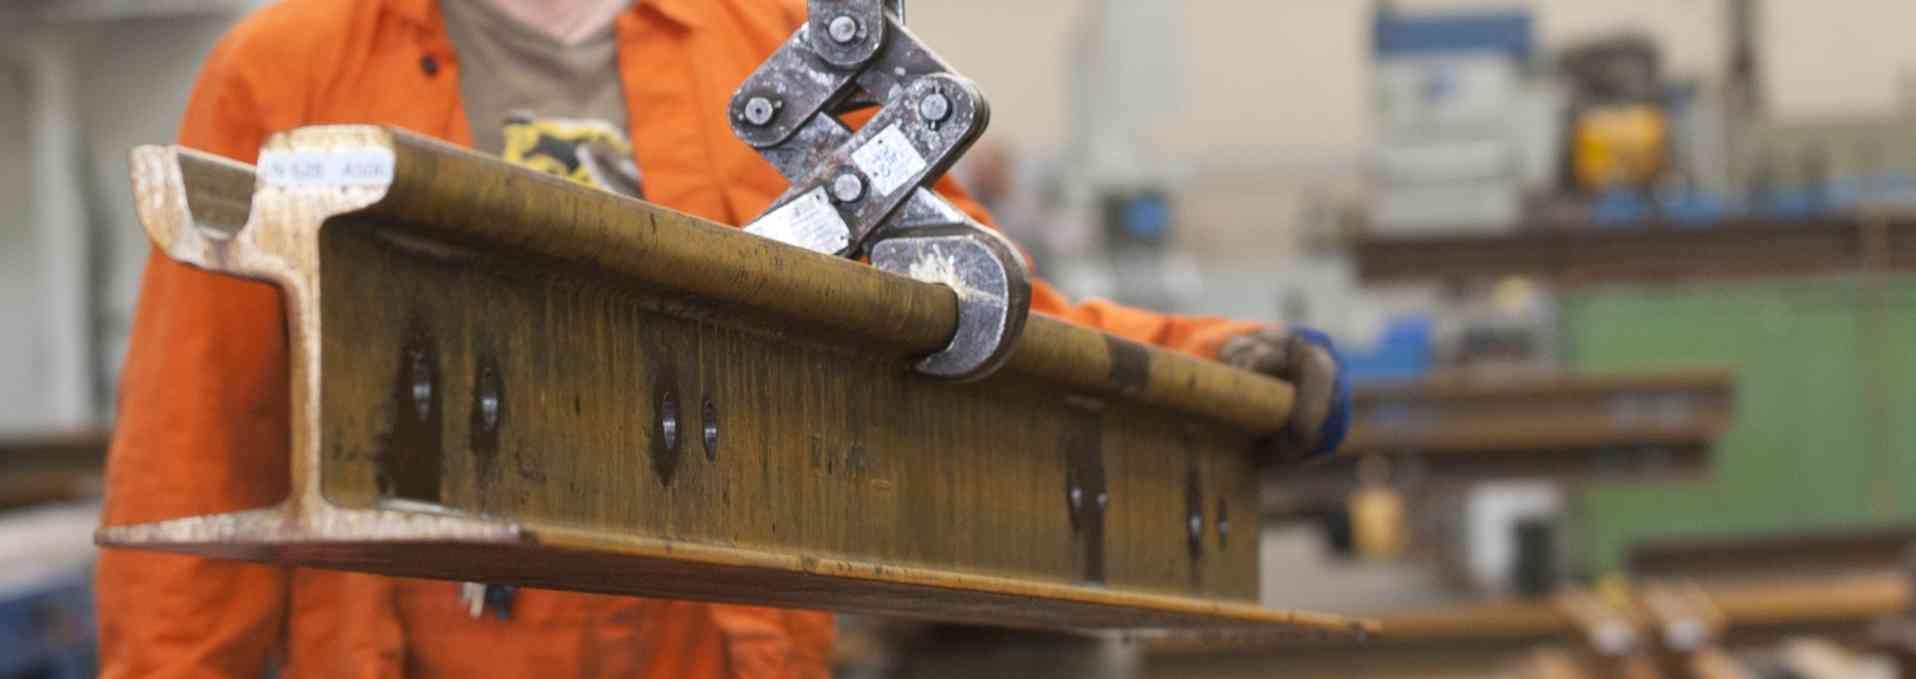 Gleisproduktion in der Oberbauwerkstätte.